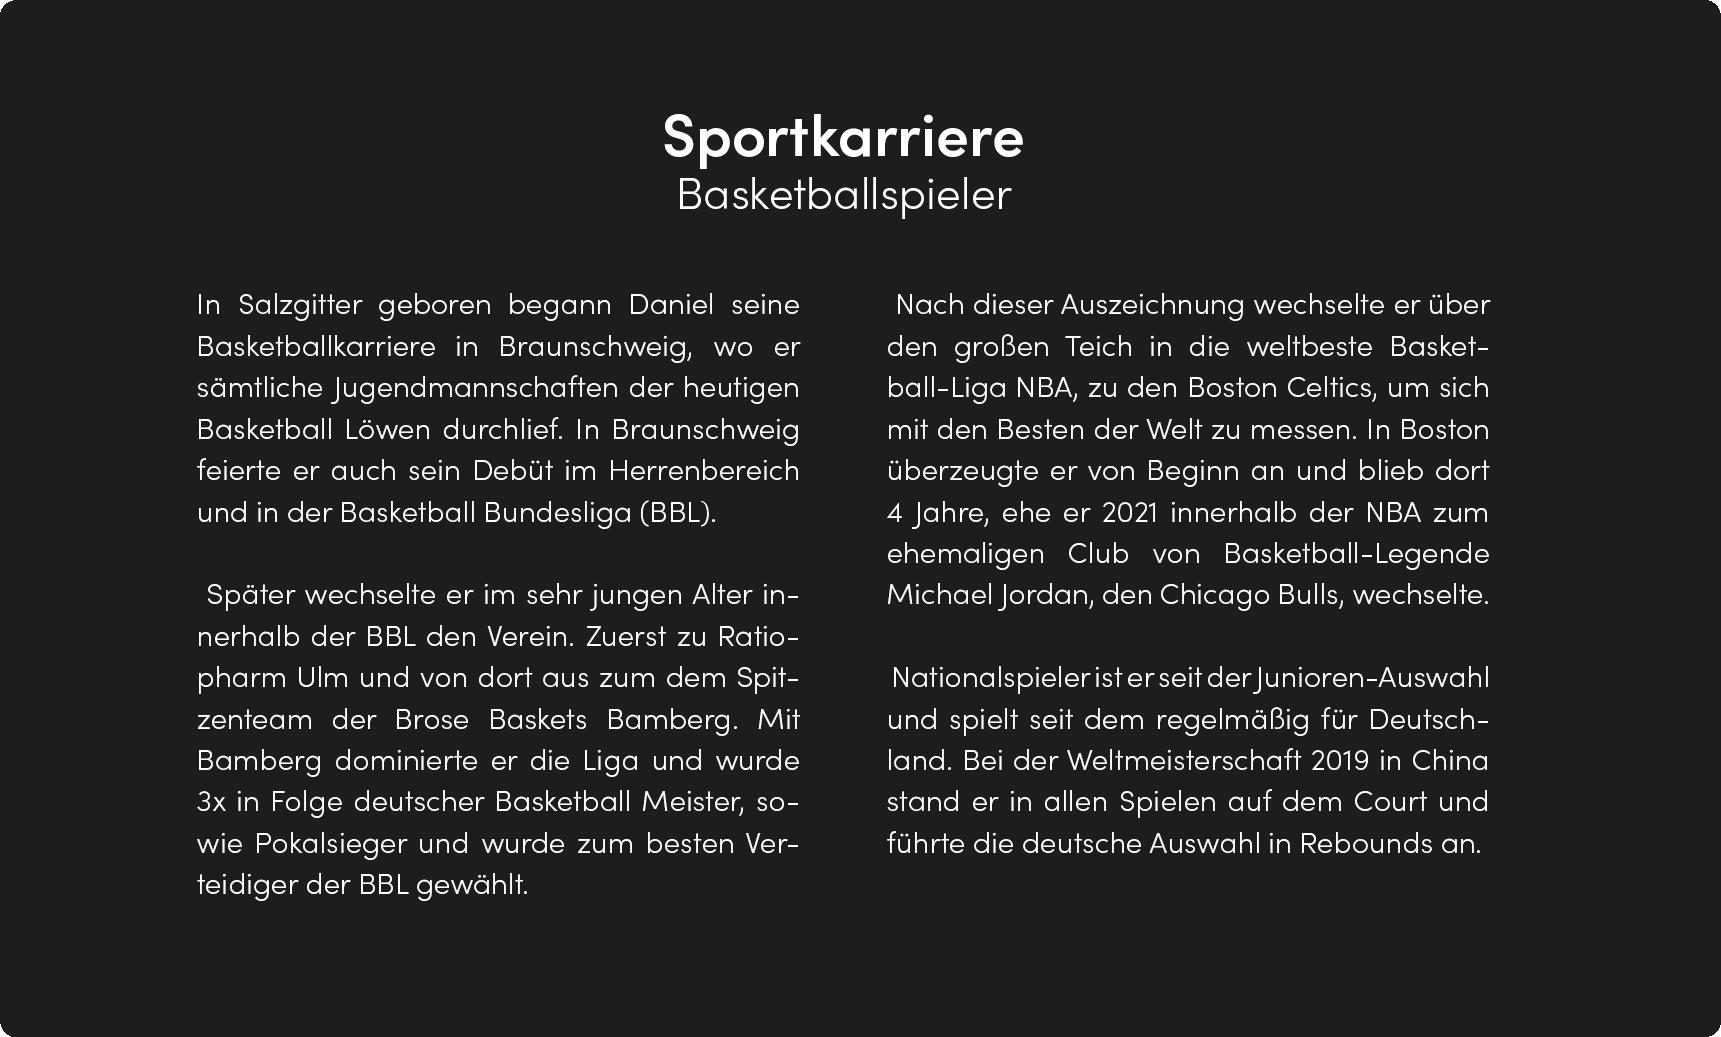 BASKETOAI In Salzgitter geboren begann Daniel seine Basketballkarriere in Braunschweig, wo er sämtliche Jugendmannschaften der heutigen Bosketball Löwen durchlief. In Braunschweig feierte er auch sein Debüt im Herrenbereich und in der Basketball Bundesliga (BBL). Später wechselte er im sehr jungen Alter in- nerhalb der BBL den Verein. Zuerst zu Ratio- pharm UIm und von dort aus zum dem Spit- zenteam der Brose Baskets Bamberg. Mit Bamberg dominierte er die Liga und wurde 3x in Folge deutscher Basketball Meister, so- wie Pokalsieger und wurde zum besten Ver- teidiger der BBL gewählt. Nach dieser Auszeichnung wechselte er über den großen Teich in die weltbeste Basket- ball-Liga NBA, Zu den Boston Celtics, um sich mit den Besten der Welt zu messen. In Boston überzeugte er von Beginn an und blieb dort 4 Jahre, ehe er 2021 innerhalb der NBA zum ehemaligen Club von Basketball-Legende Michael Jordan, den Chicago Bulls, wechselte. Nationalspieler ist er seit der Junioren-Auswahl und spielt seit dem regelmäßig für Deutsch- land. Bei der Weltmeisterschaft 2019 in China stand er in allen Spielen auf dem Court und führte die deutsche Auswahl in Rebounds an.